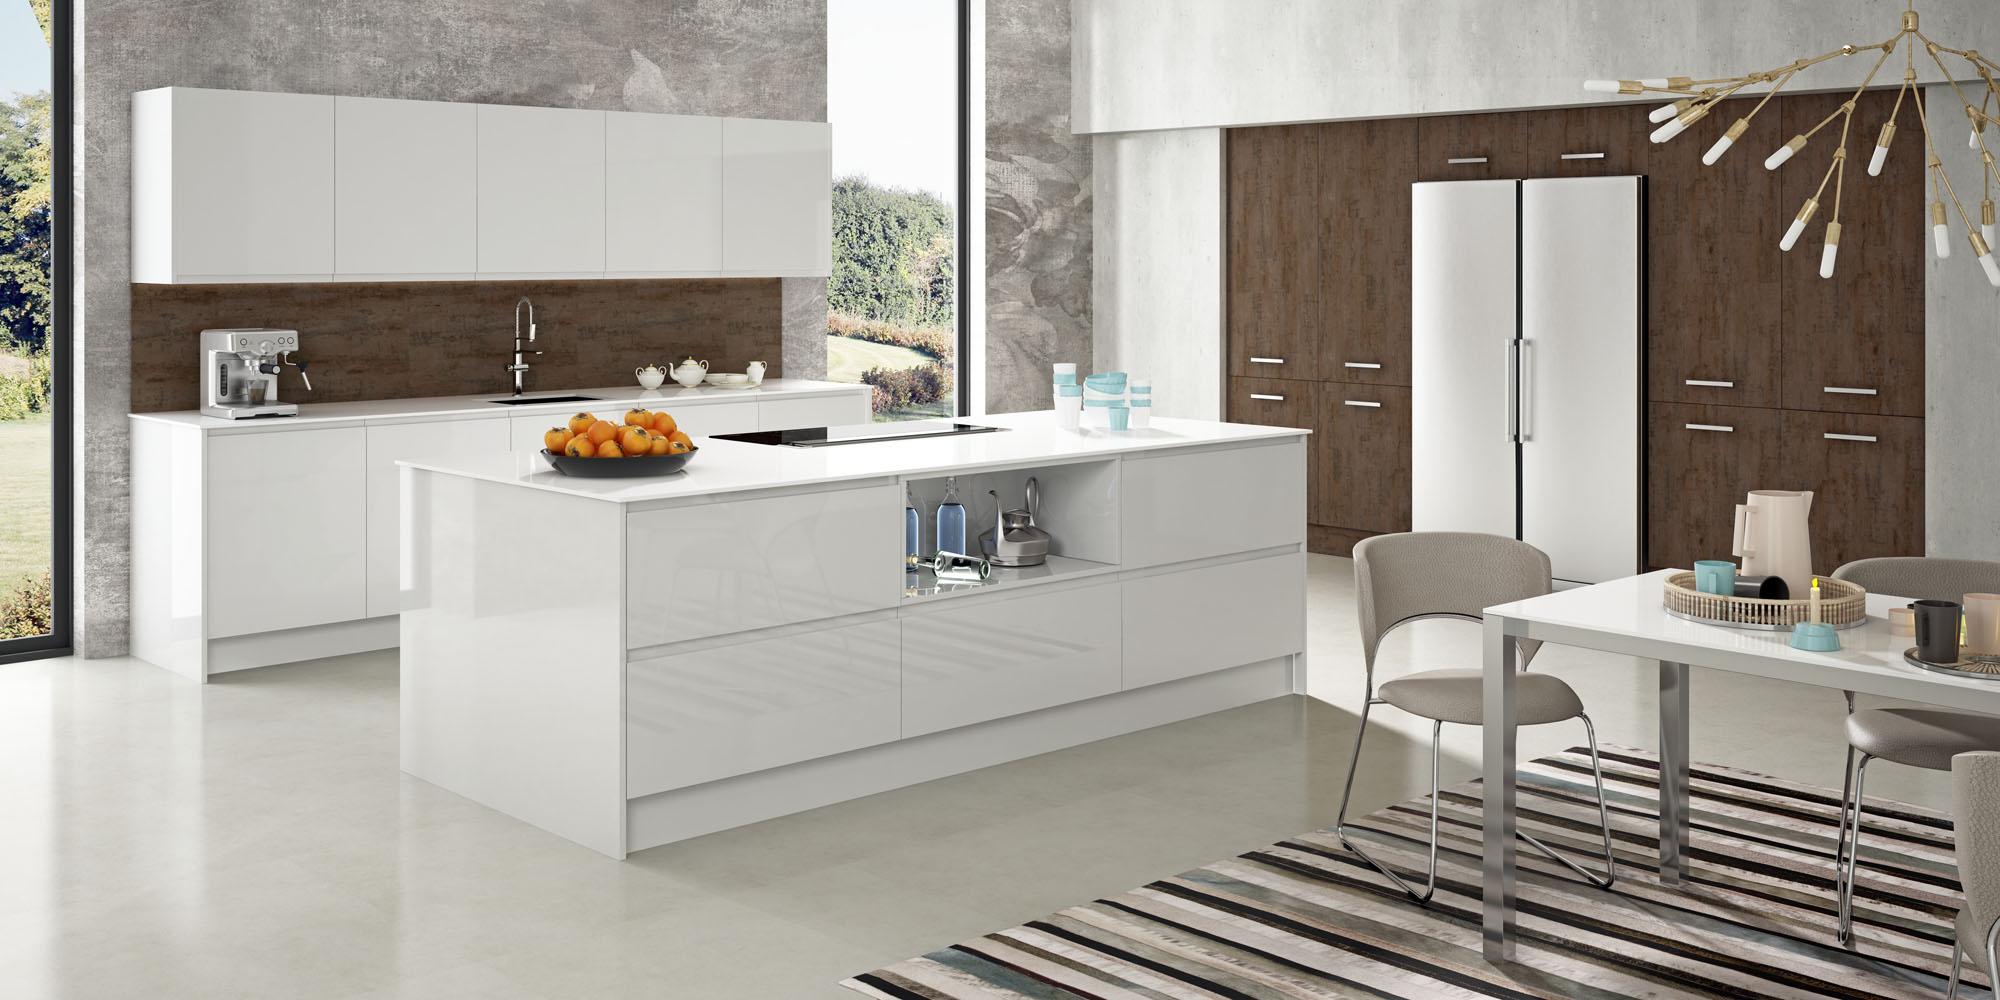 Cocinas Modernas Blancas Faro By Alvic